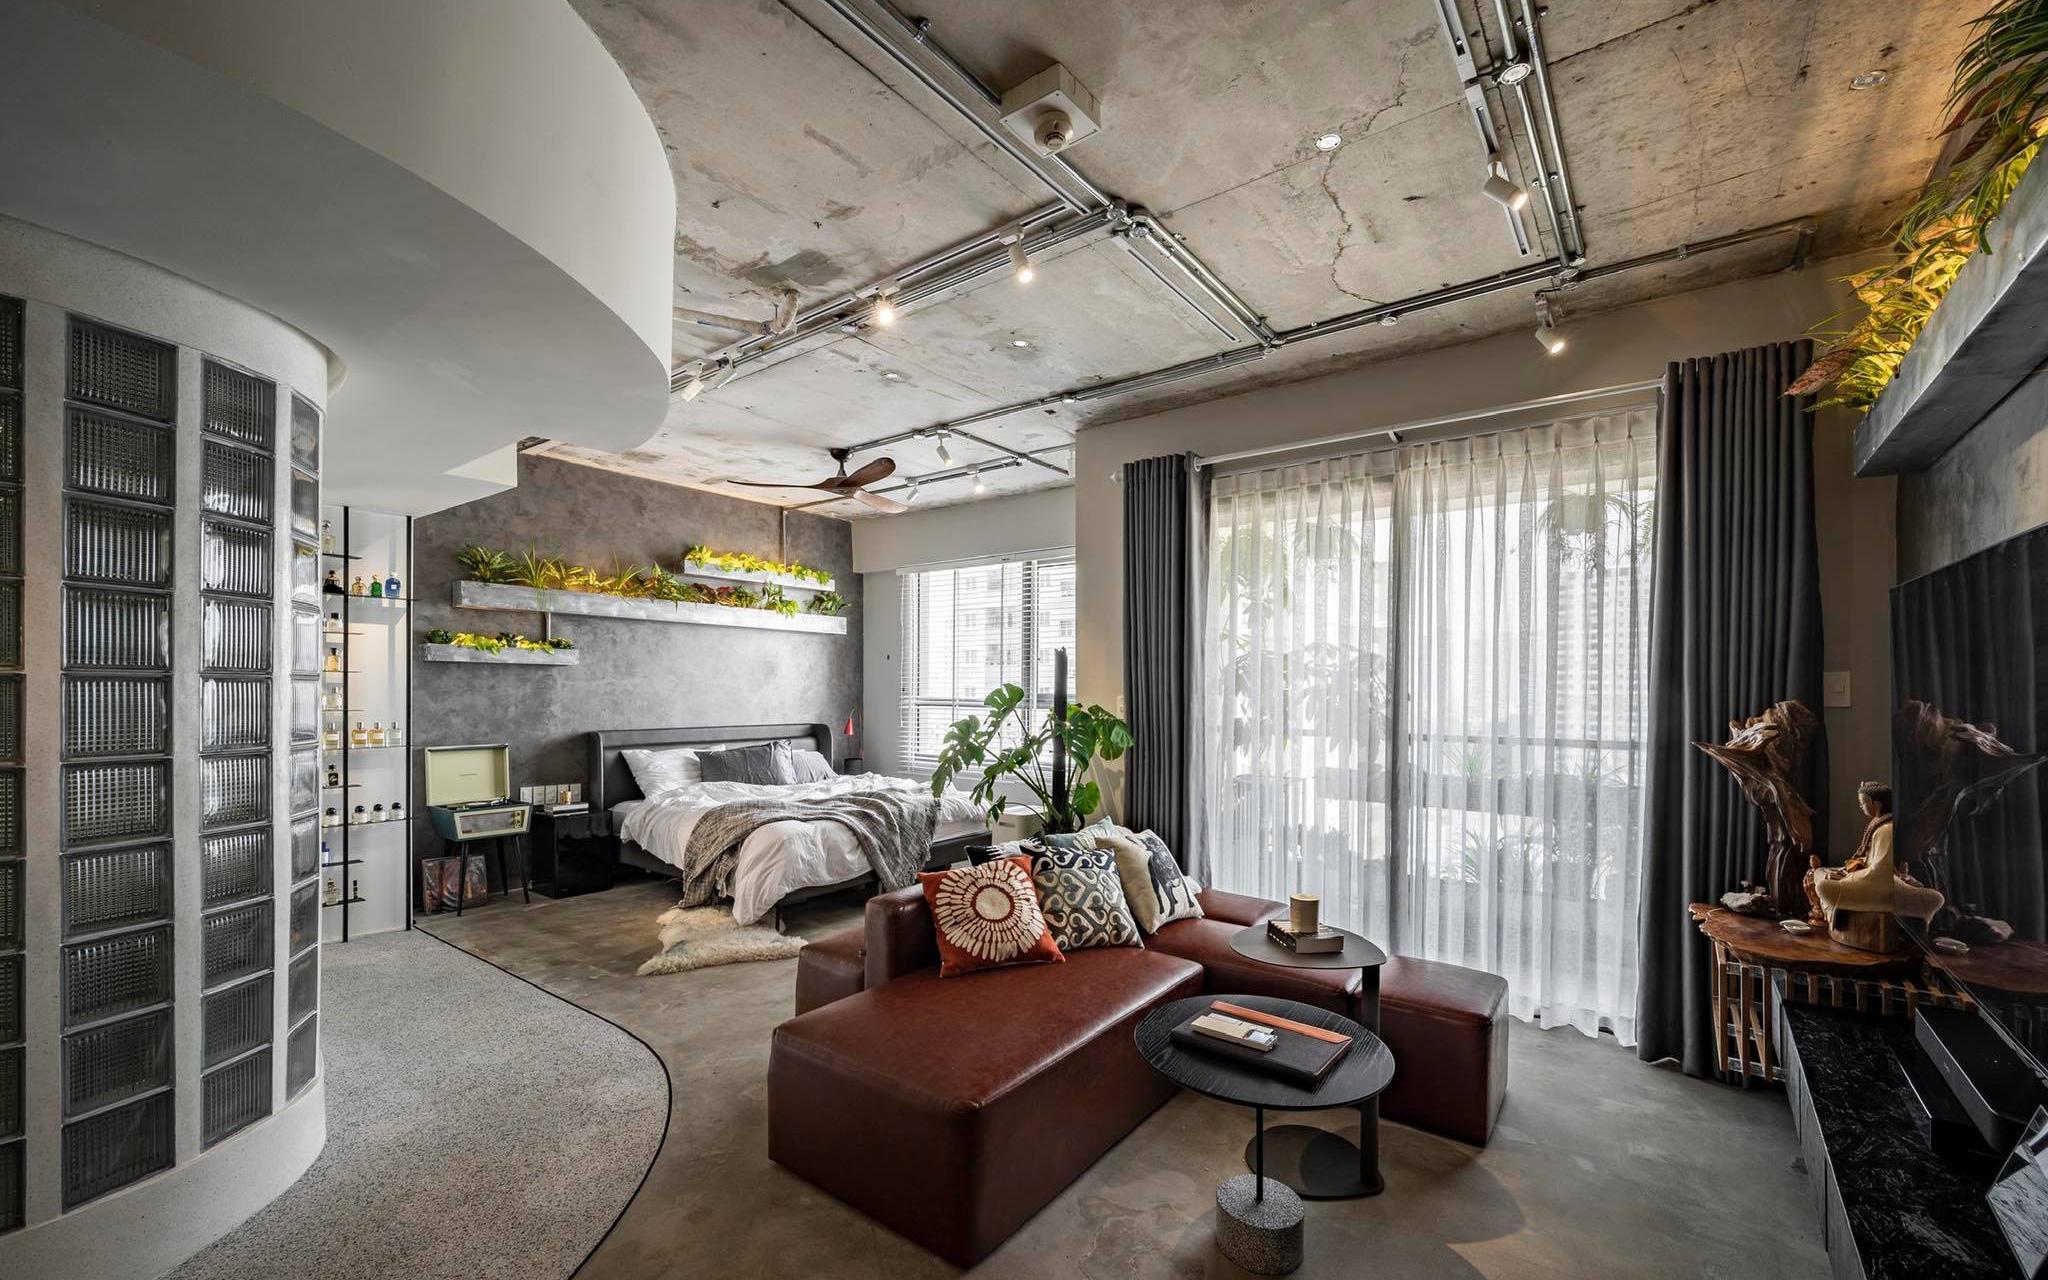 Chàng trai độc thân Sài Gòn quyết đập phá hiện trạng cũ của căn hộ 82m², biến thành không gian mở đẹp hiện đại, cá tính